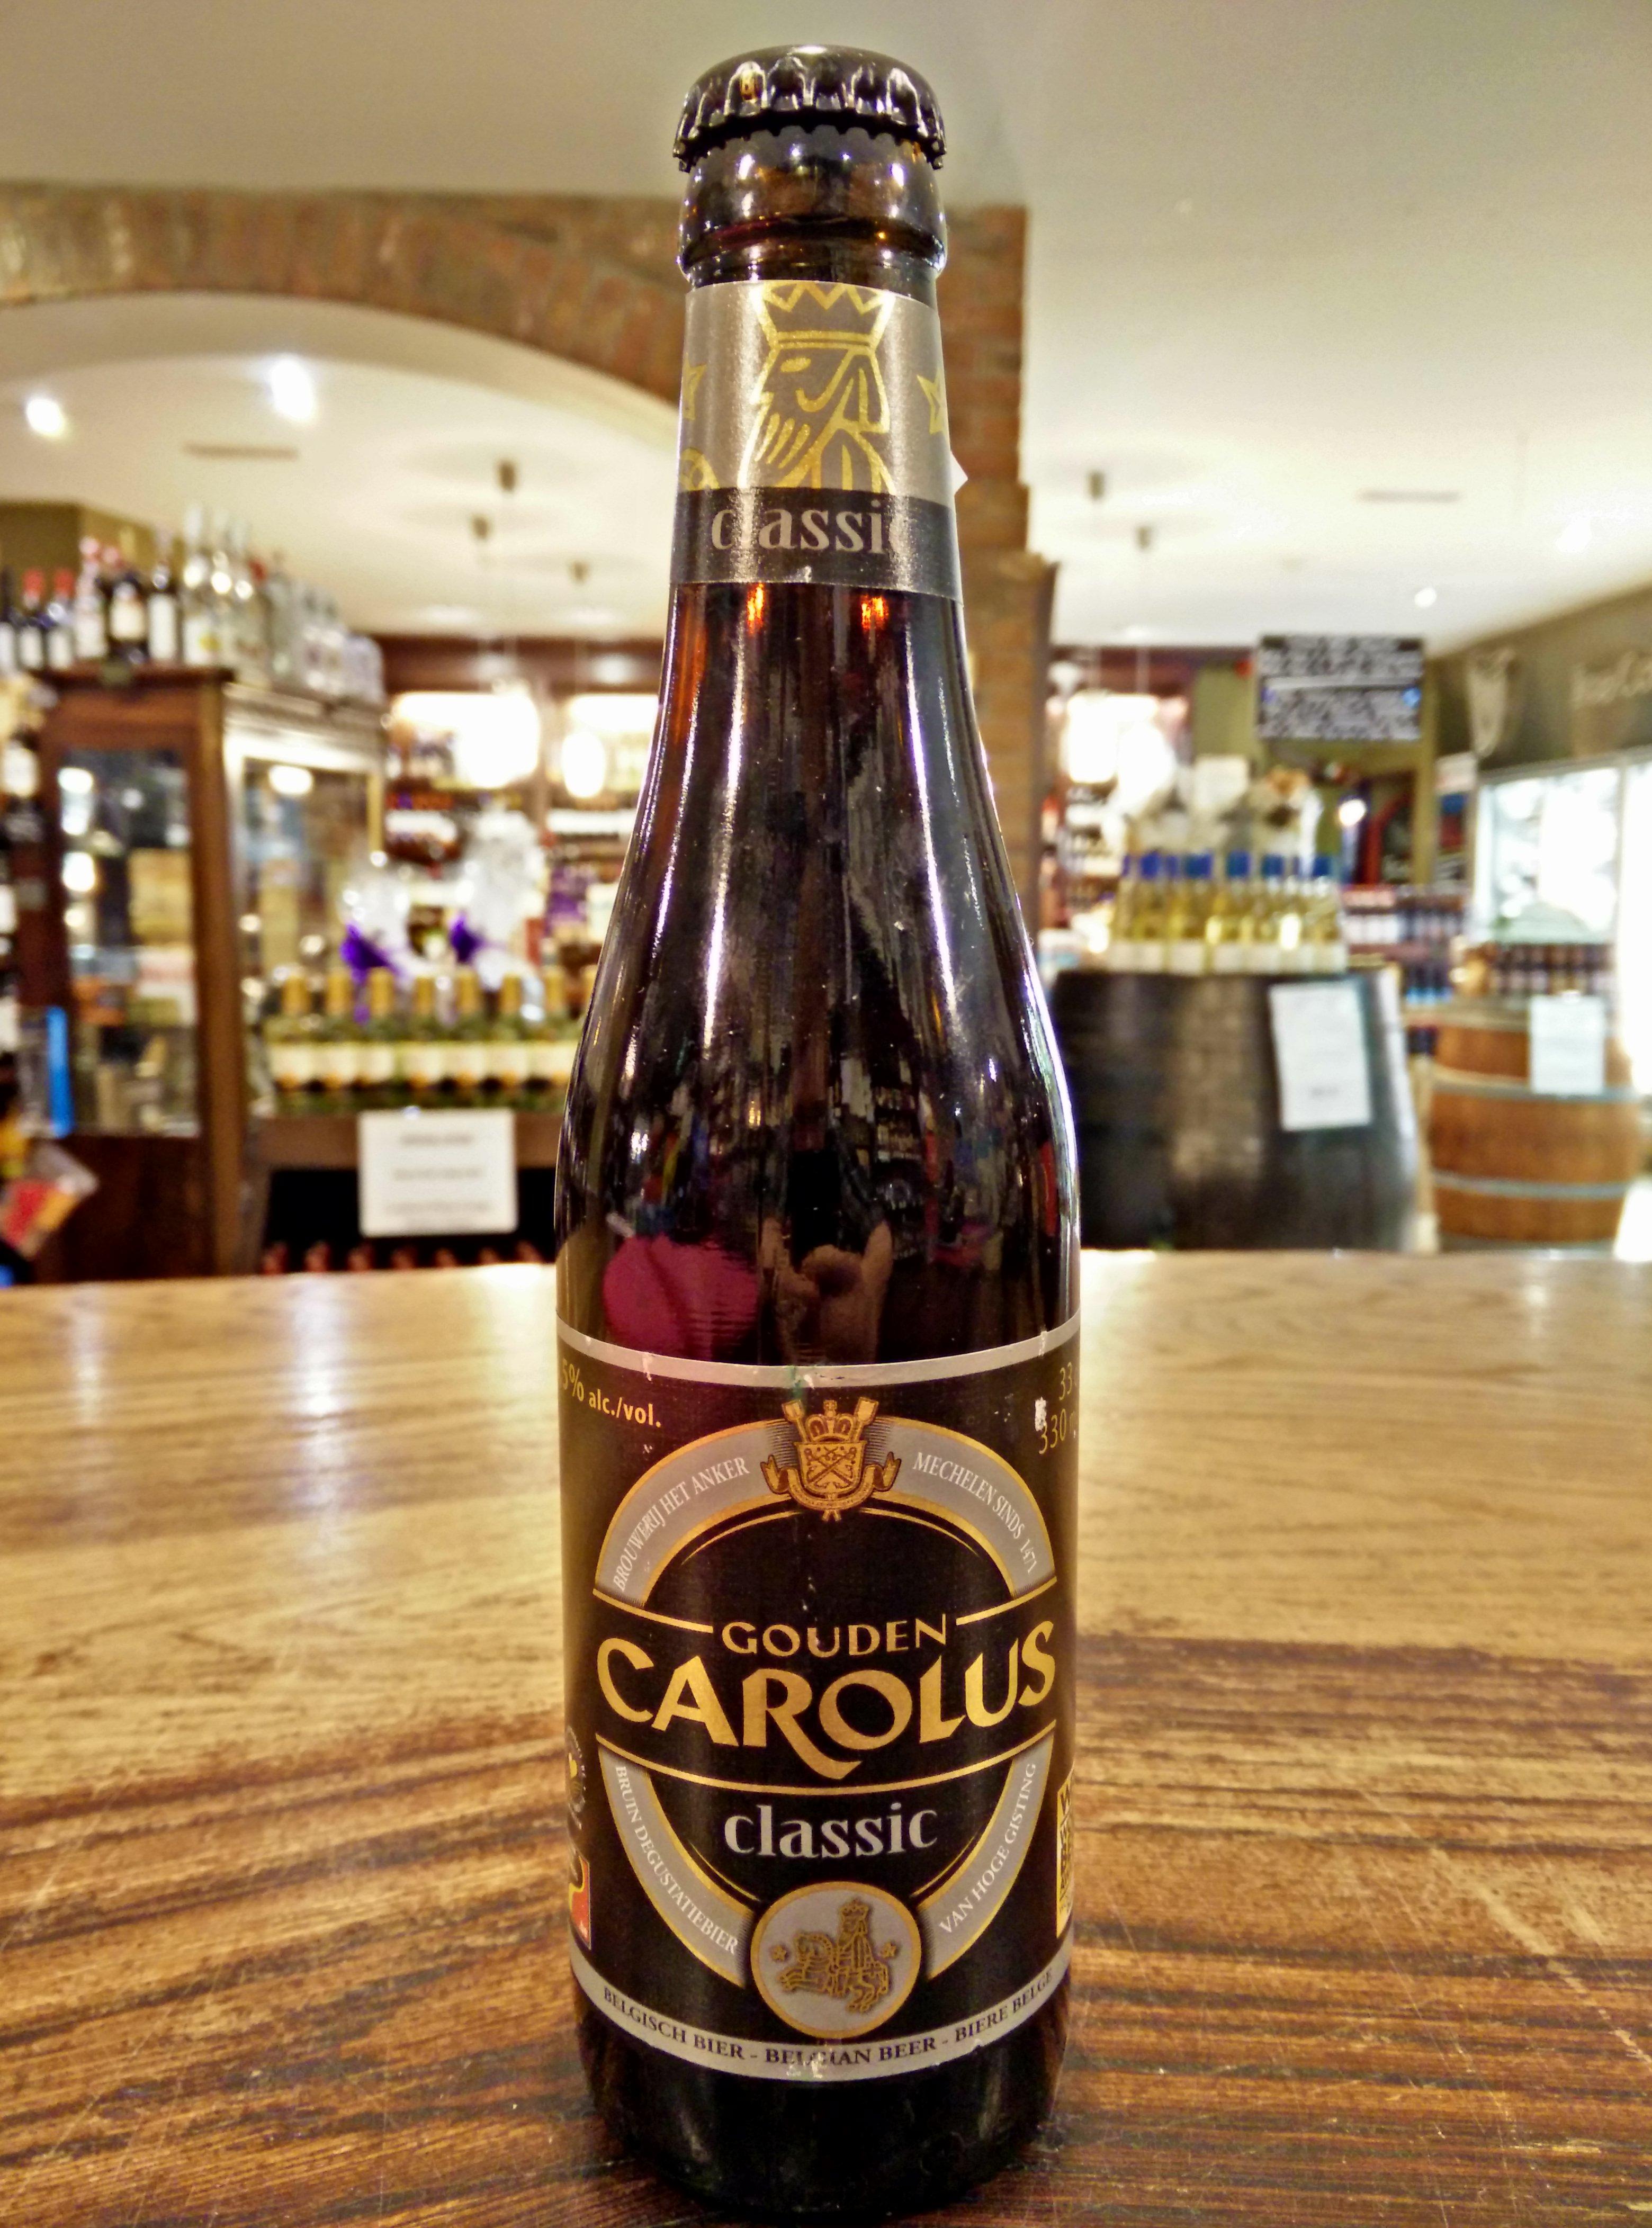 Gouden Carolus Classic 8.5%